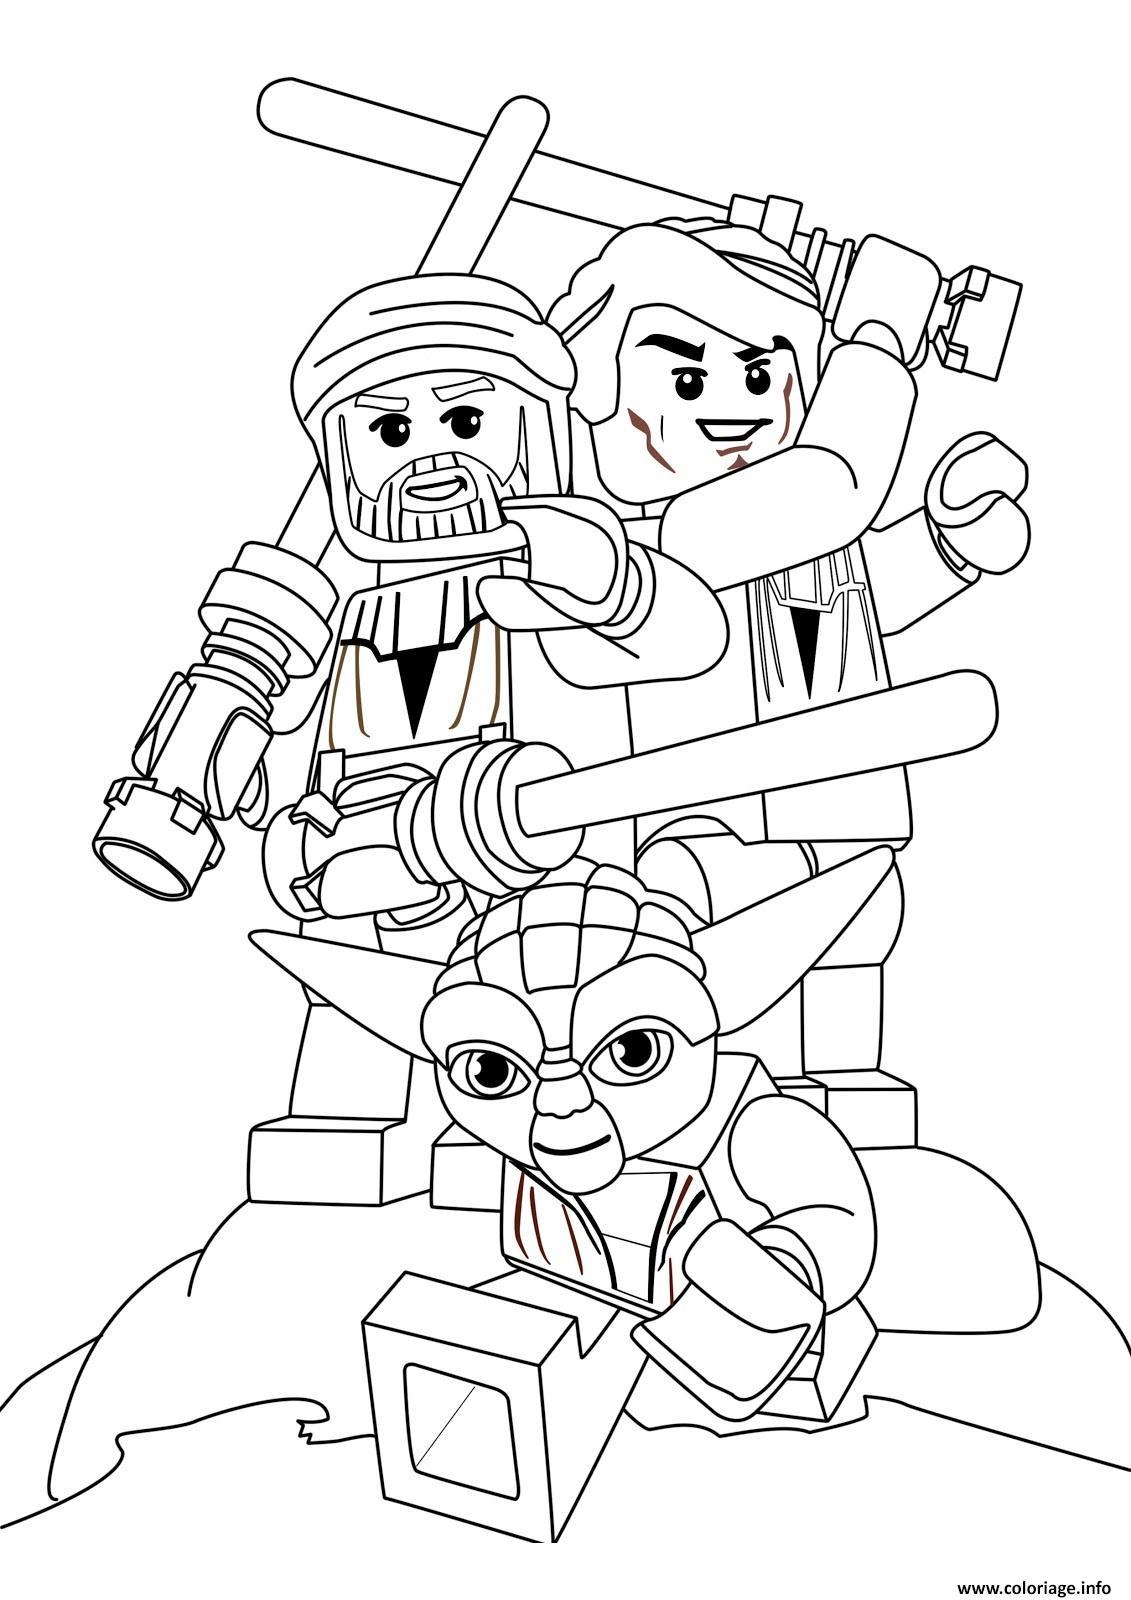 Coloriage Lego Star Wars 78 dessin